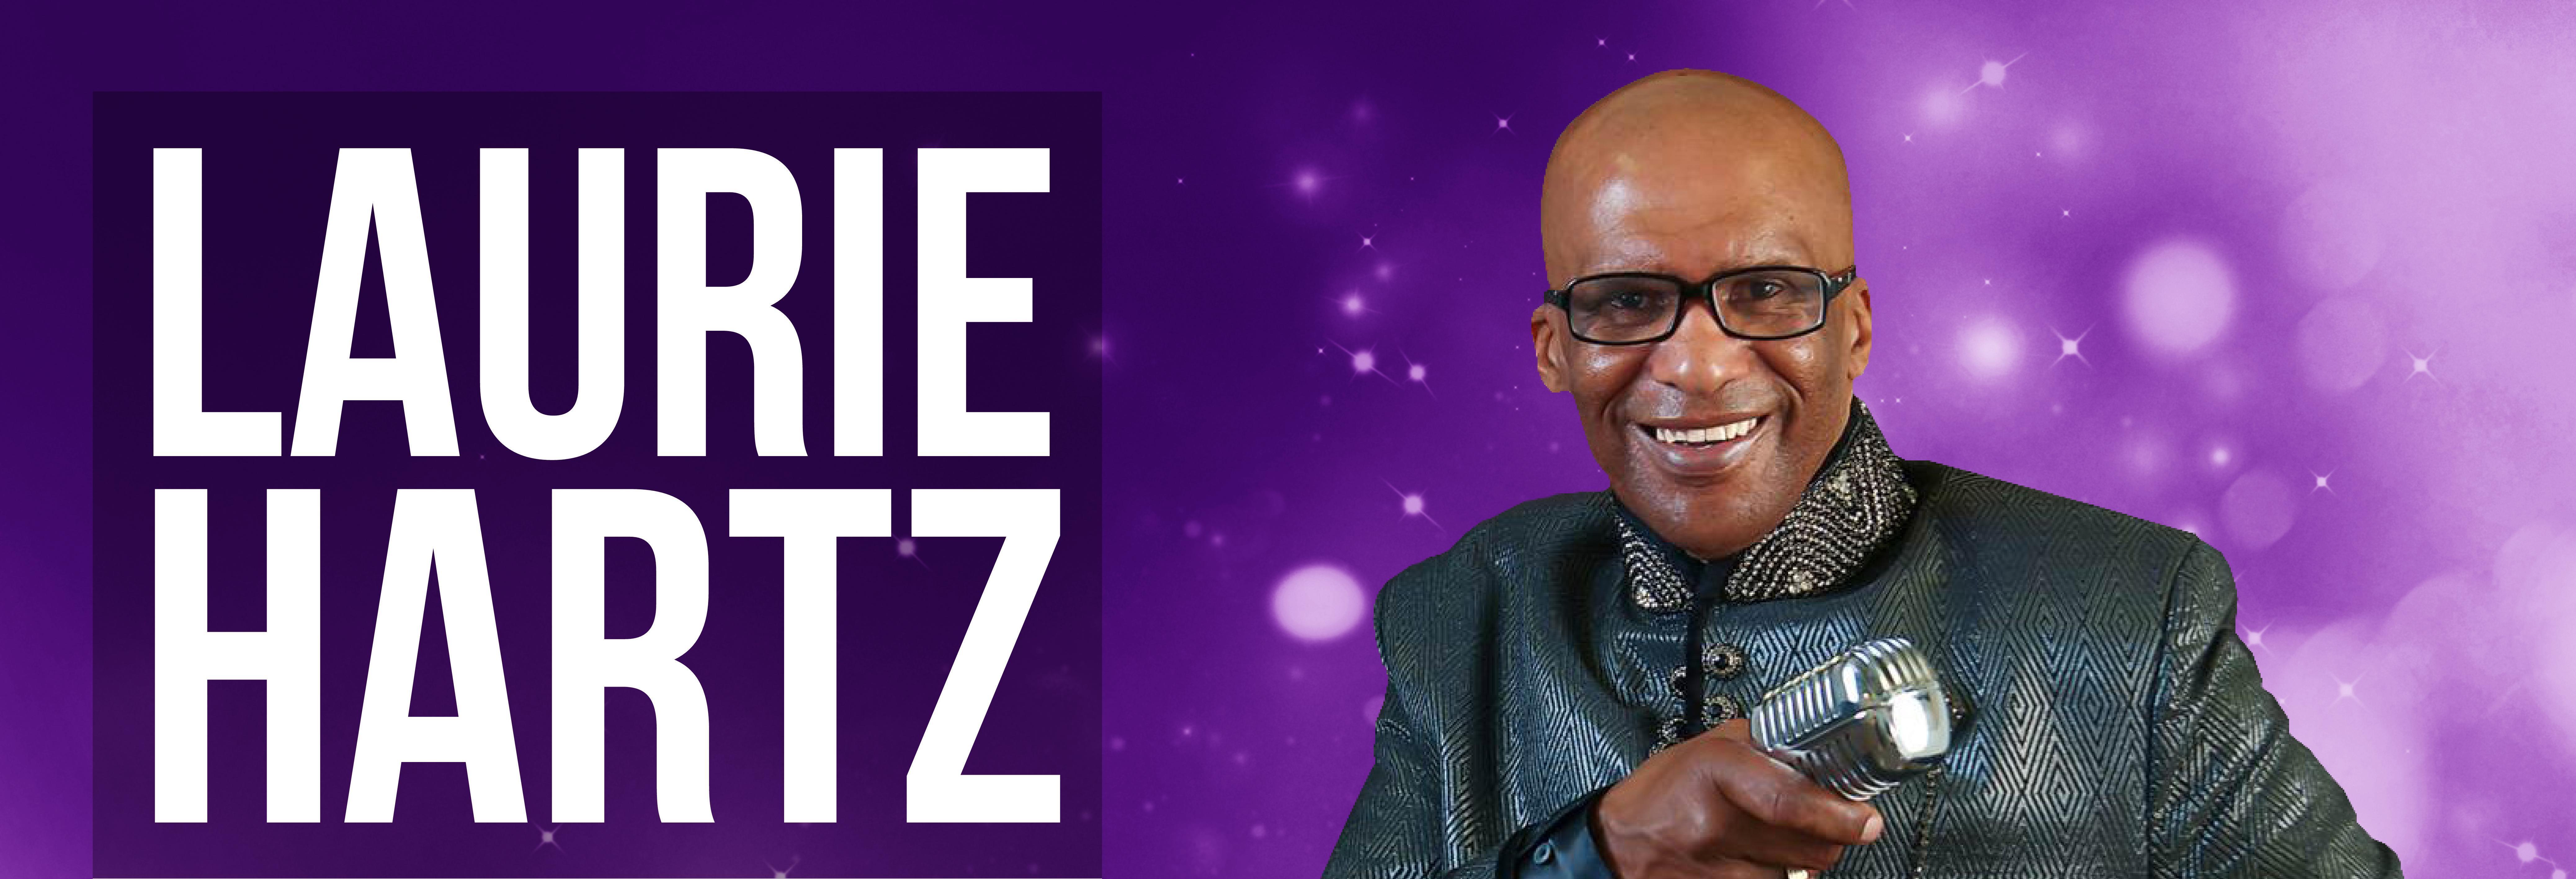 The Soul Man Laurie Hartz Christmas Show